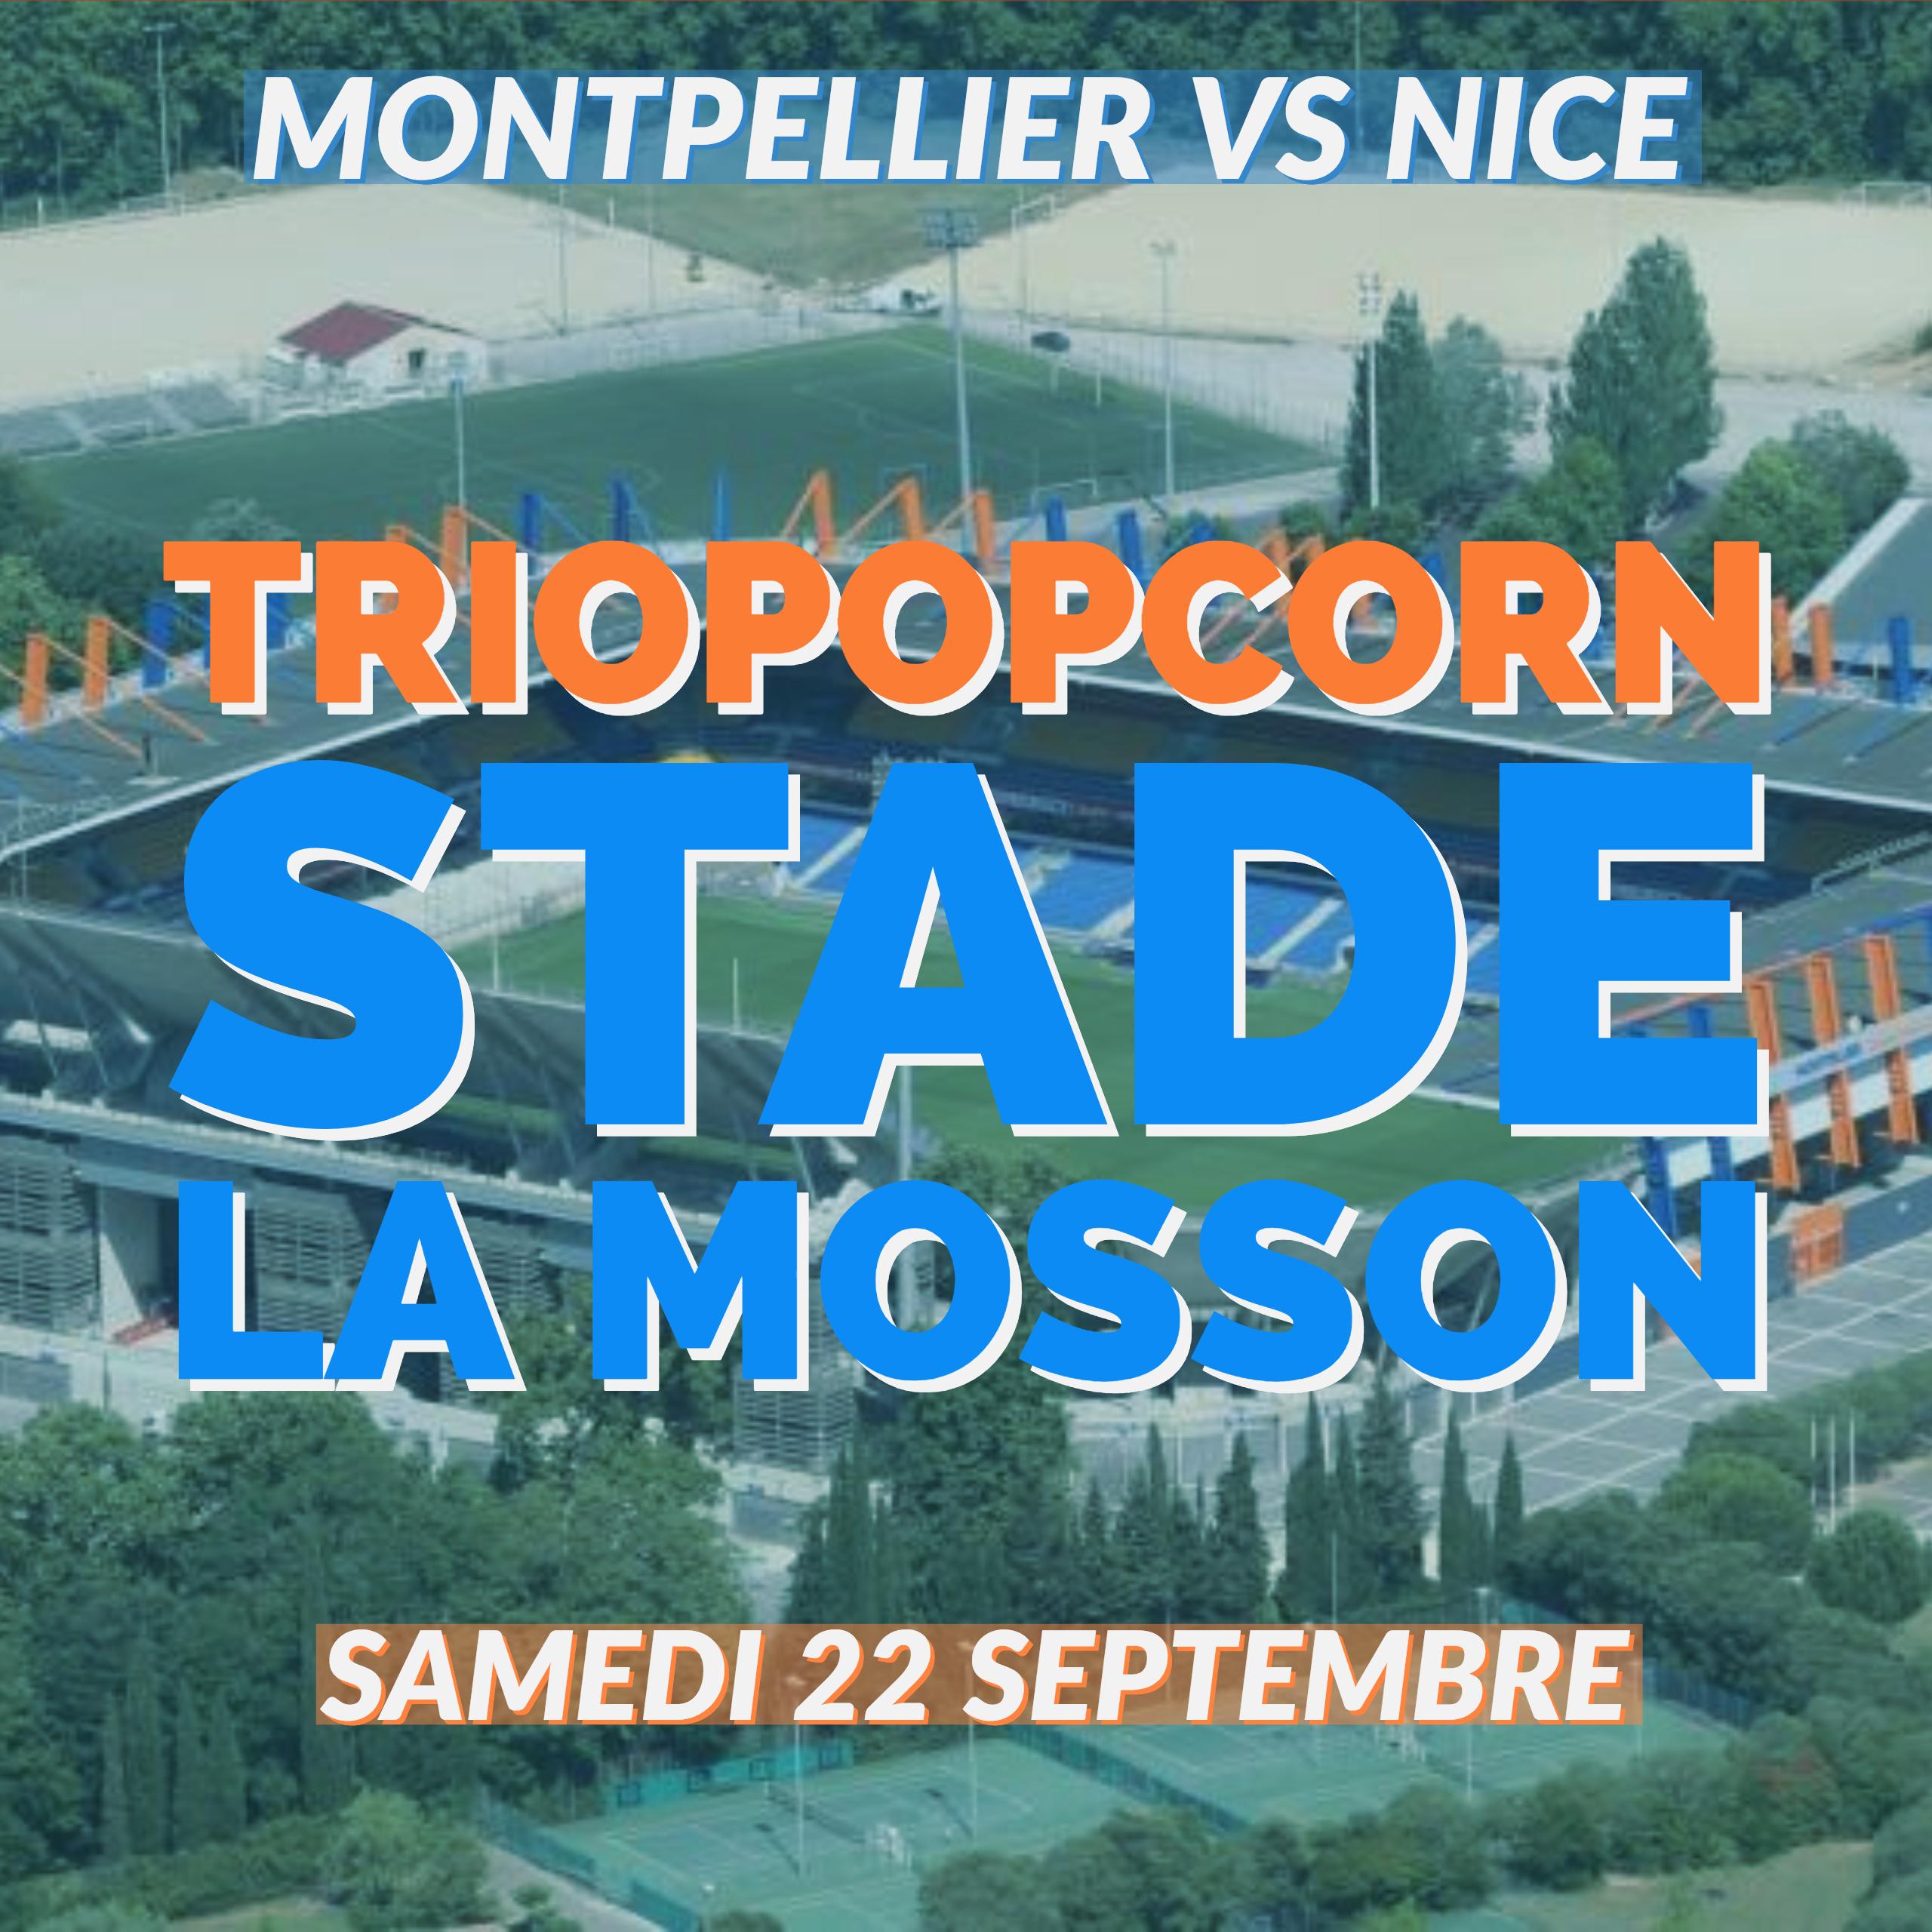 Match de ligue 1 Montpellier contre Nice